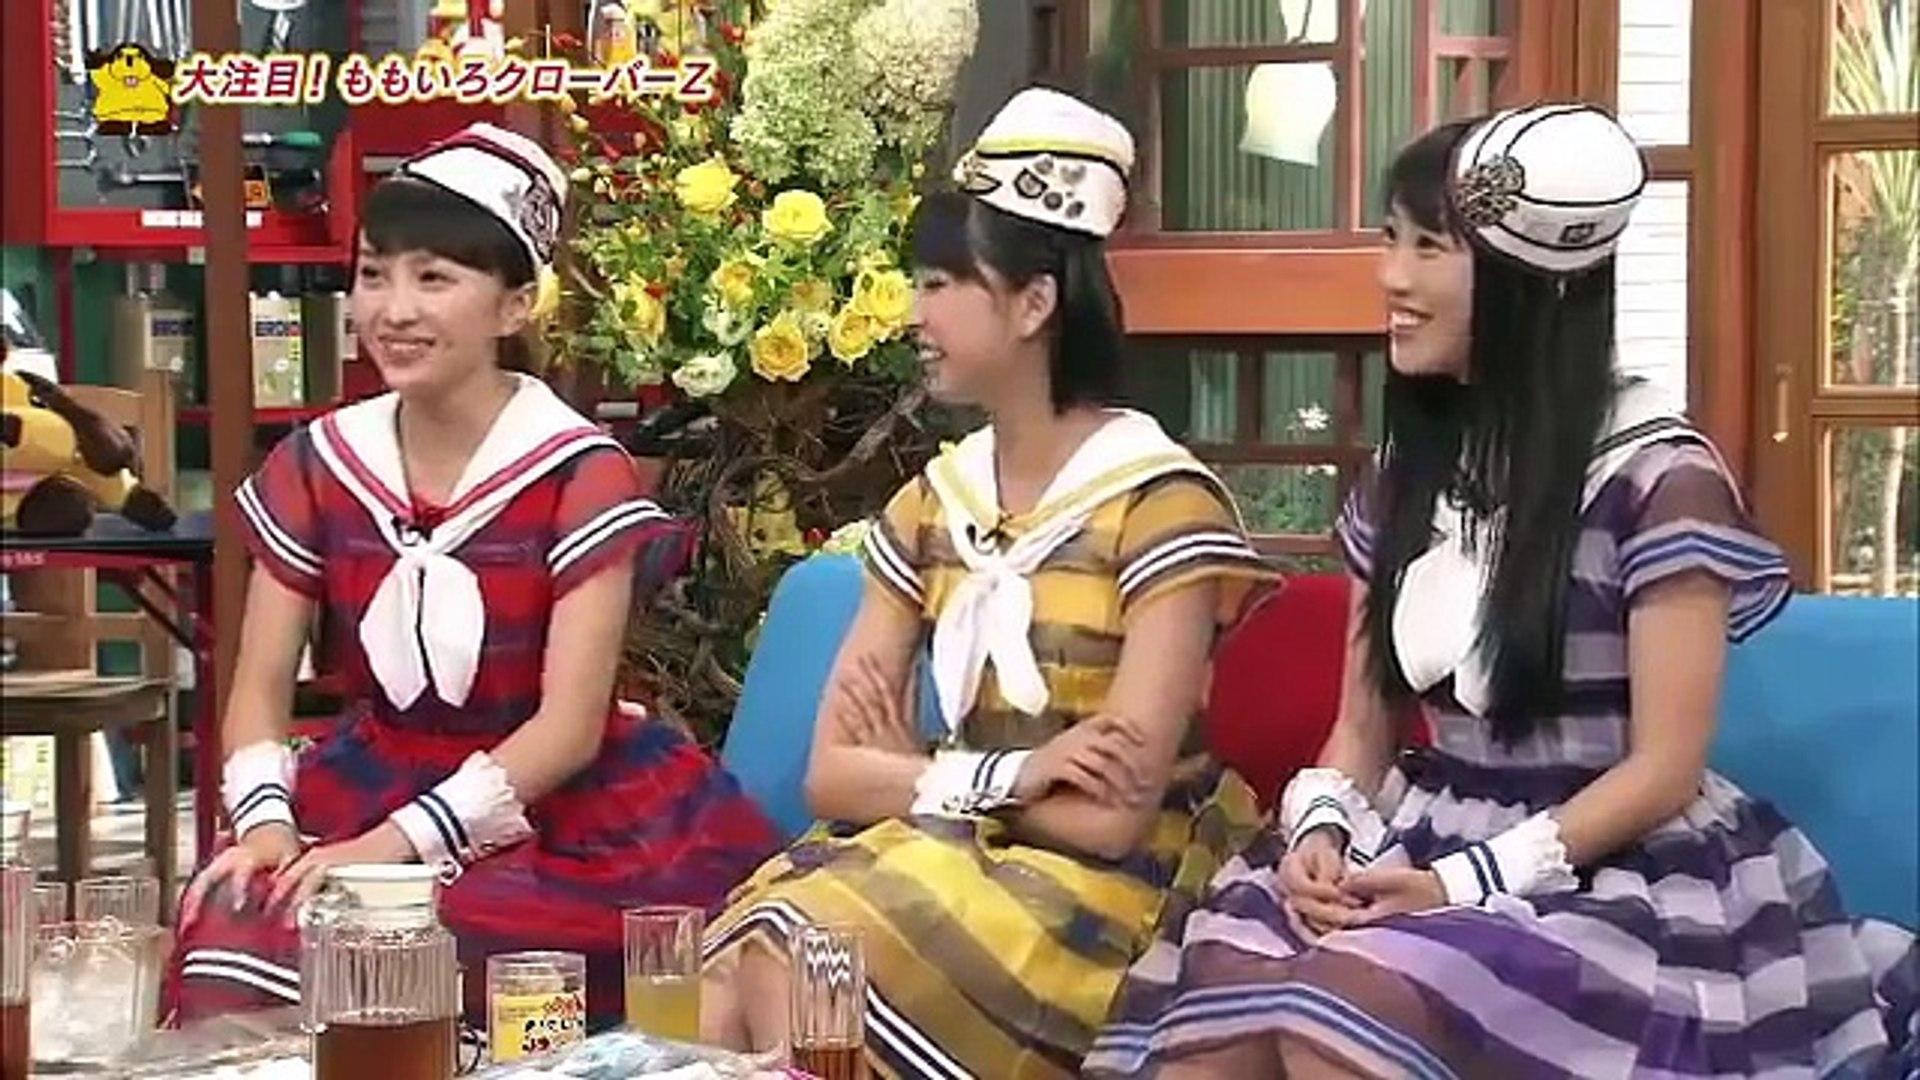 明石家さんまの女性アイドルグループ回し集 - Dailymotion Video